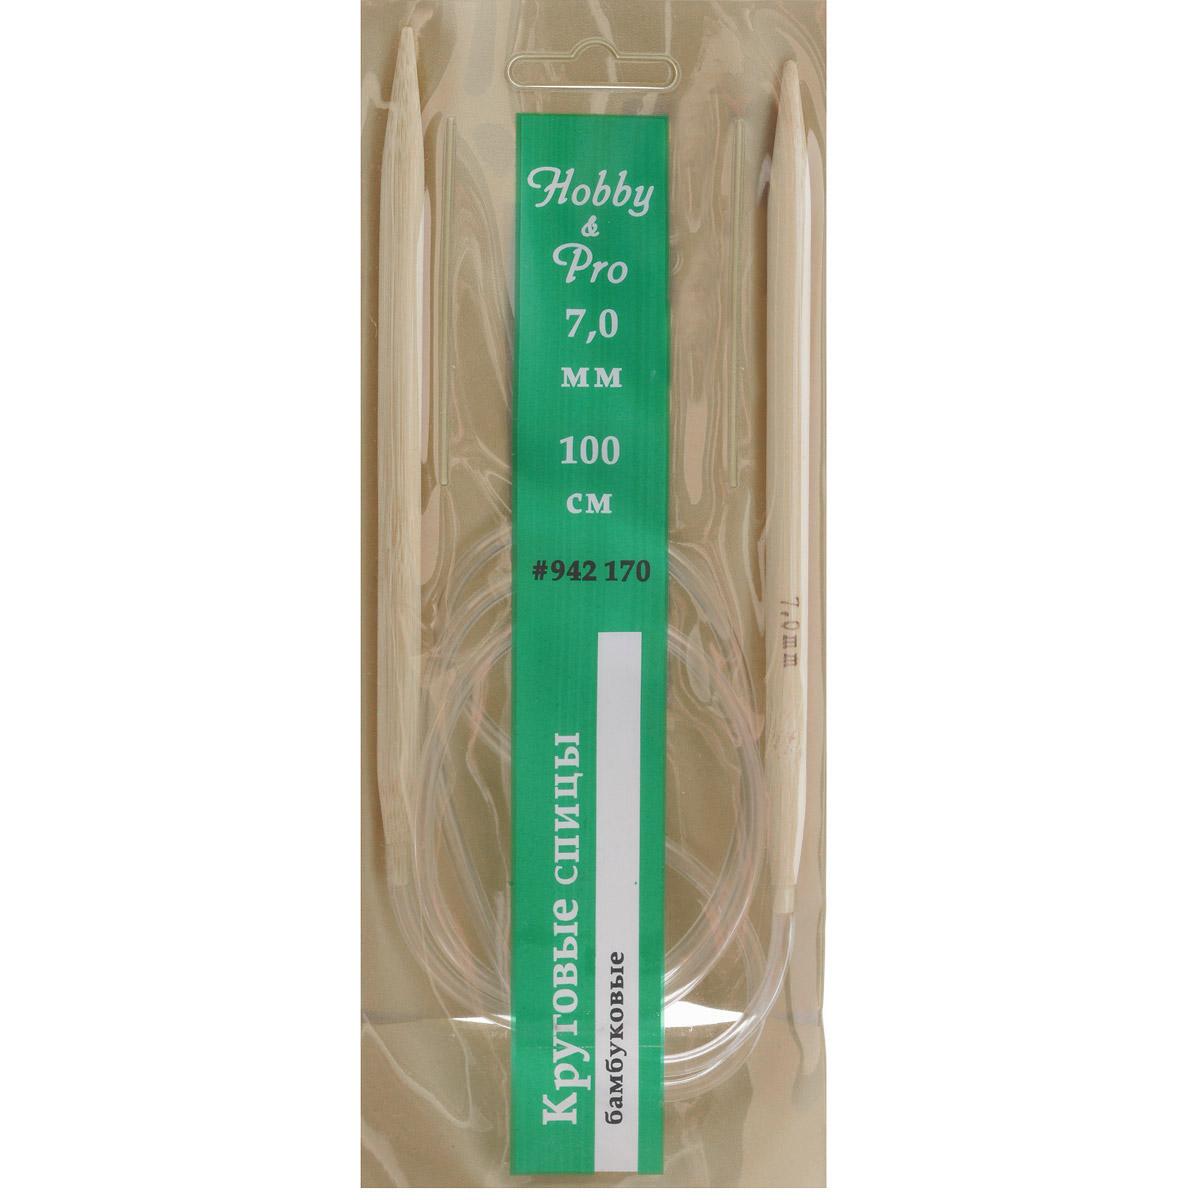 Спицы Hobby & Pro, бамбуковые, круговые, диаметр 7 мм, длина 100 см7700986Спицы для вязания Hobby & Pro изготовлены из натурального бамбука. Кончики спиц закругленные. Спицы скреплены гибким пластиковым шнуром. Круговые спицы наиболее удобны для выполнения деталей и изделий, не имеющих швов. Короткими круговыми спицами вяжут бейки горловины, воротники-гольф, длинными спицами можно вязать по кругу целые модели. Спицы прочные, легкие, гладкие, удобные в использовании. Вы сможете вязать для себя, делать подарки друзьям. Рукоделие всегда считалось изысканным, благородным делом. Работа, сделанная своими руками, долго будет радовать вас и ваших близких.